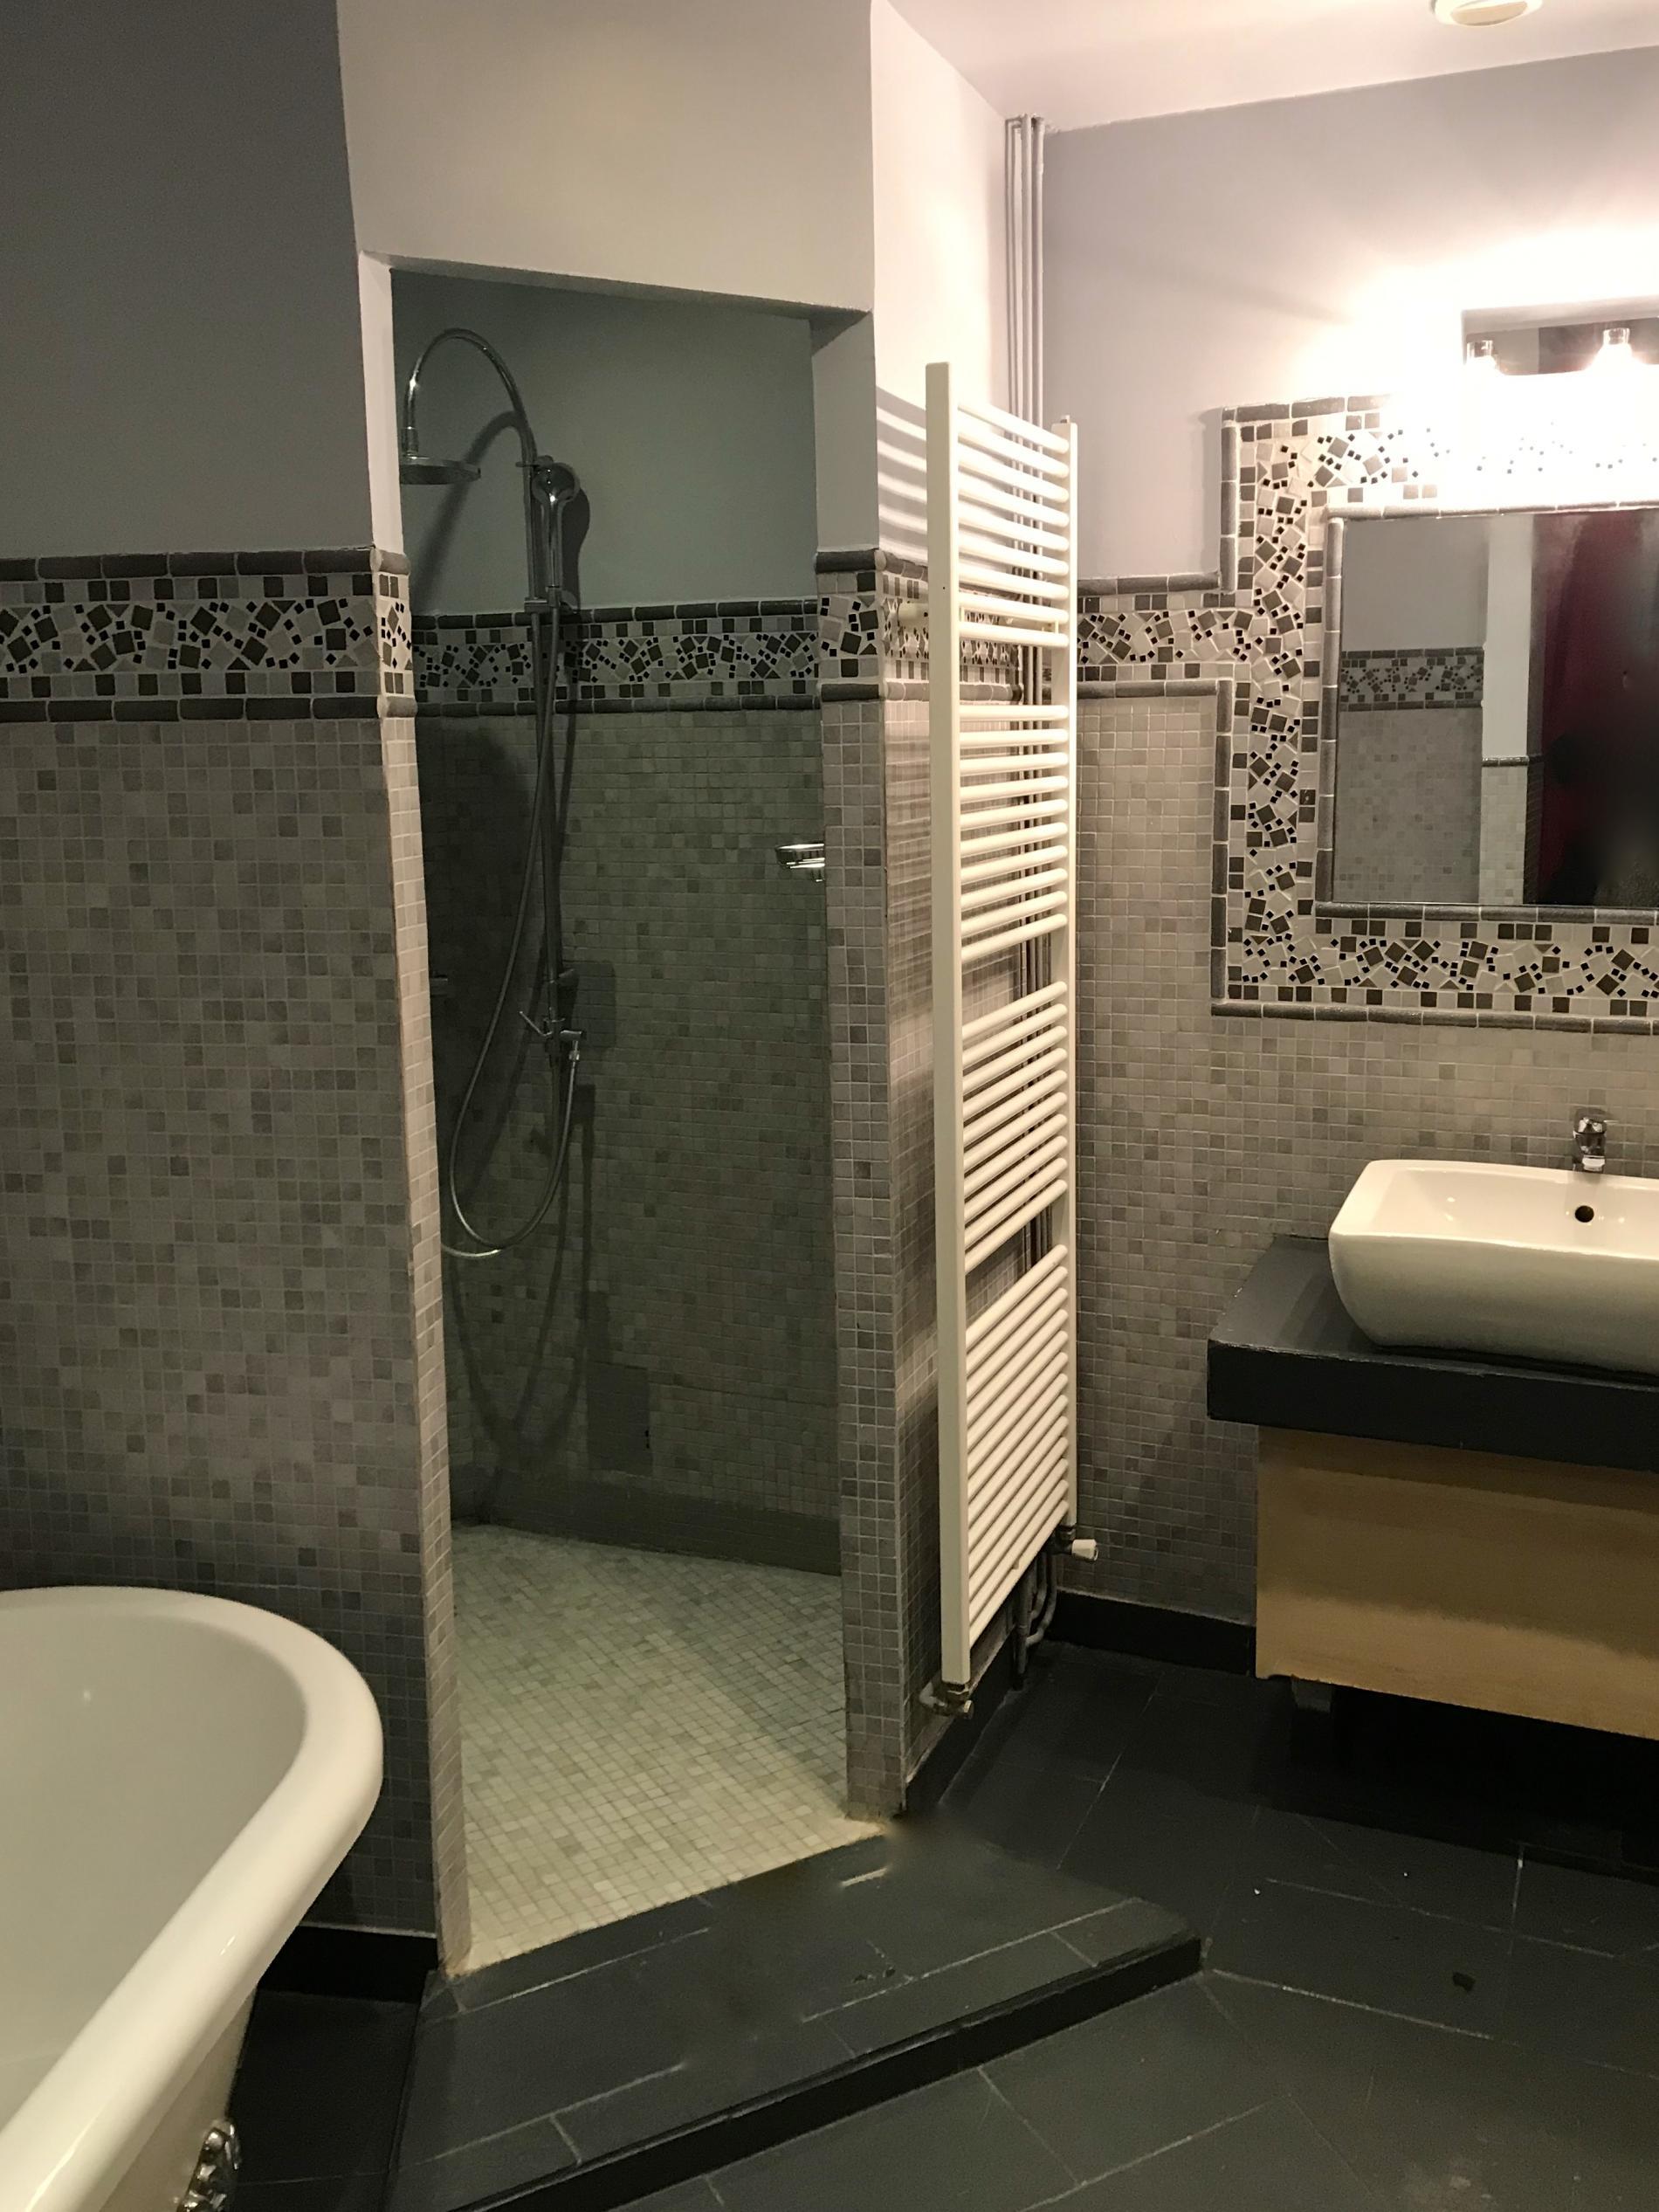 CHAMBRE HOTES HONFLEUR Location Chambres Dhtes De